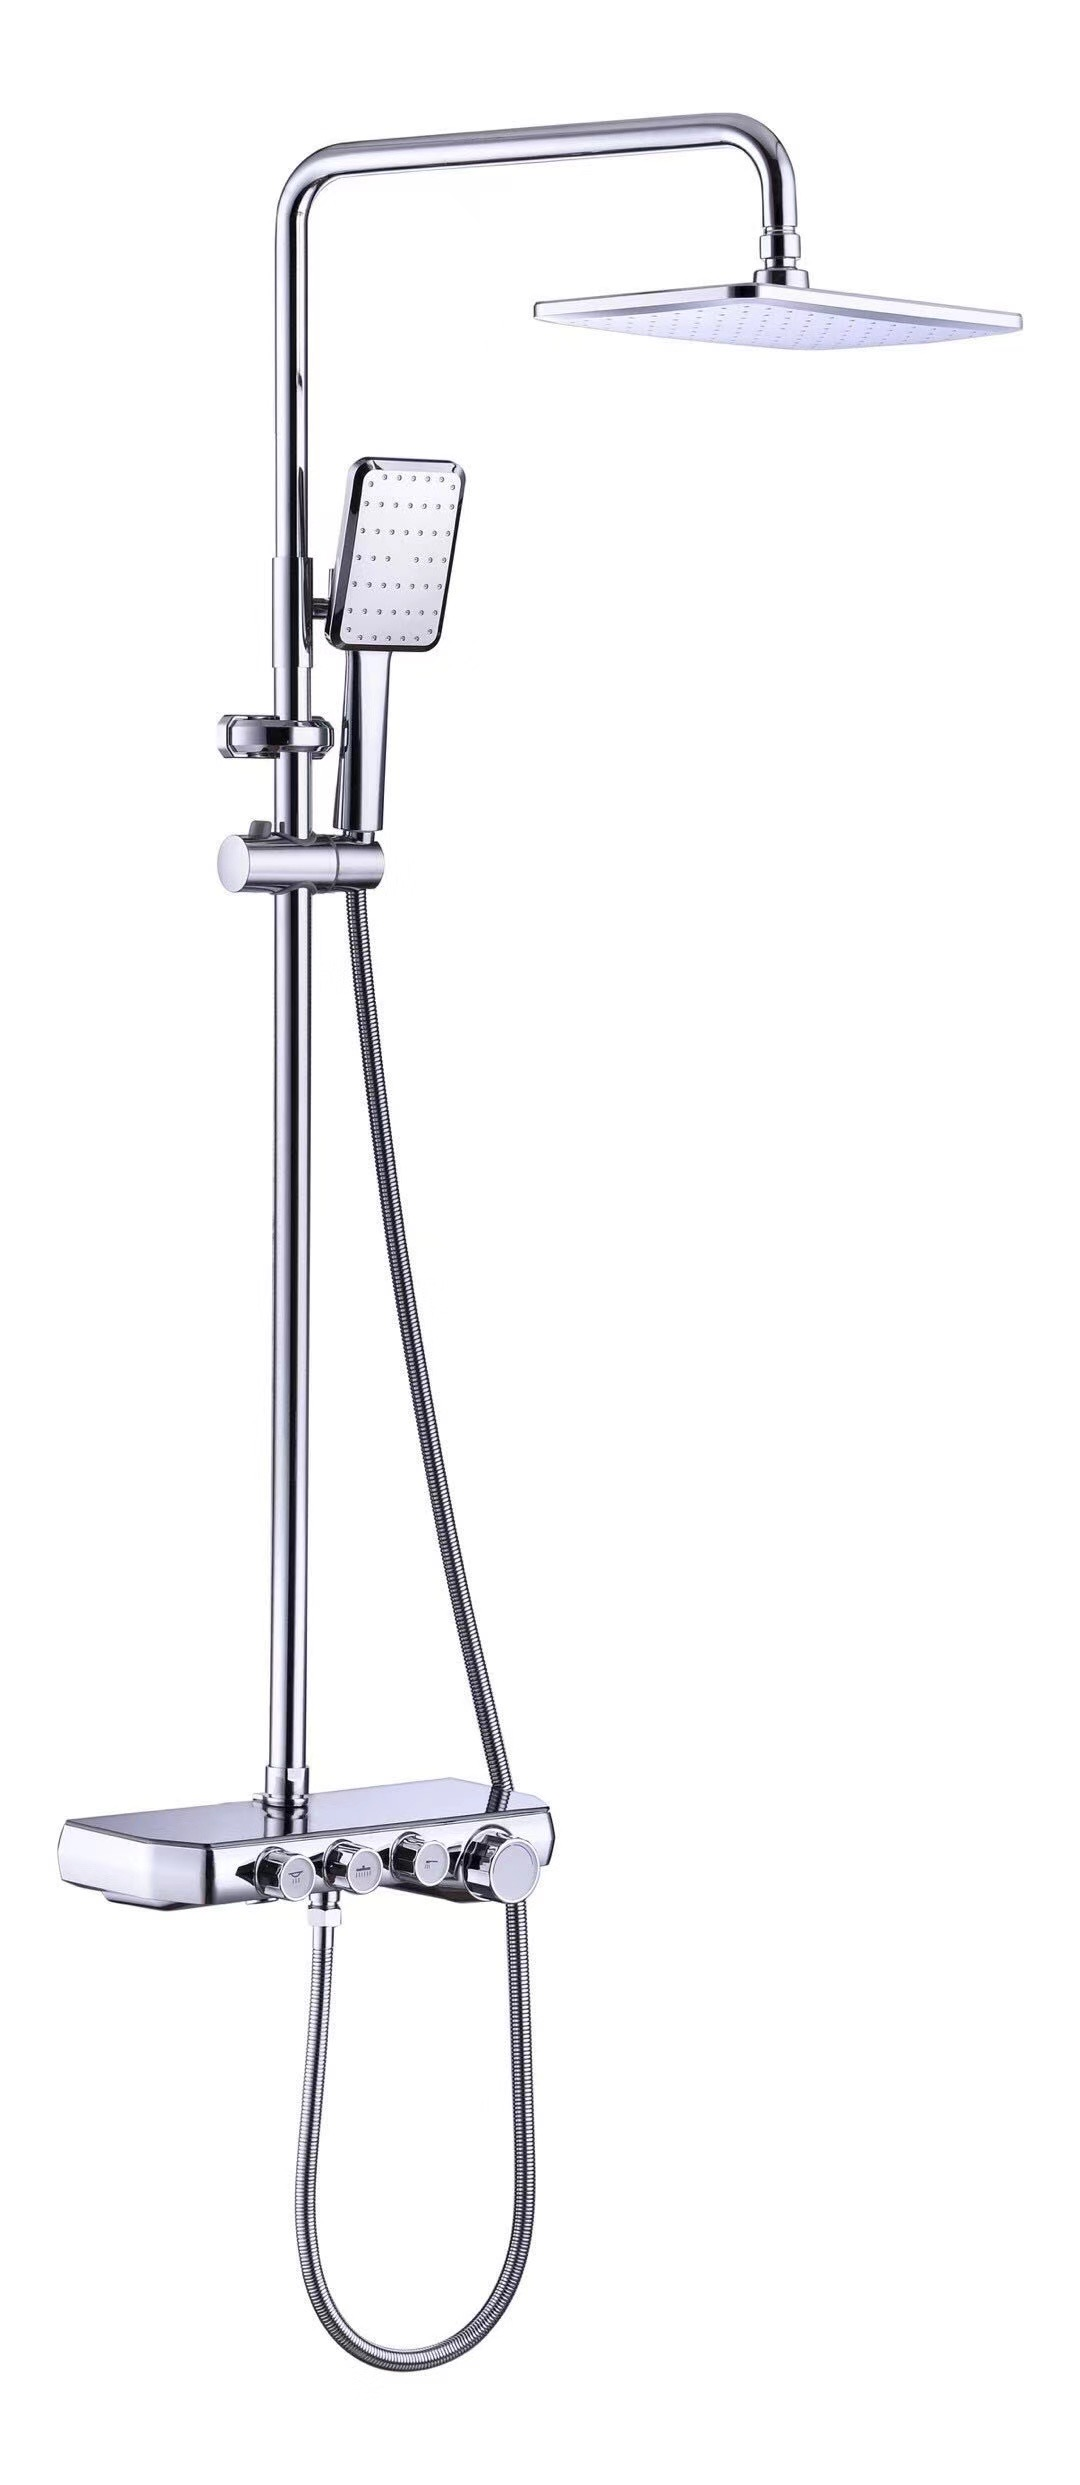 G674 черный душ для ванной комнаты античный смеситель для душа набор для душа с дождевой насадкой смеситель